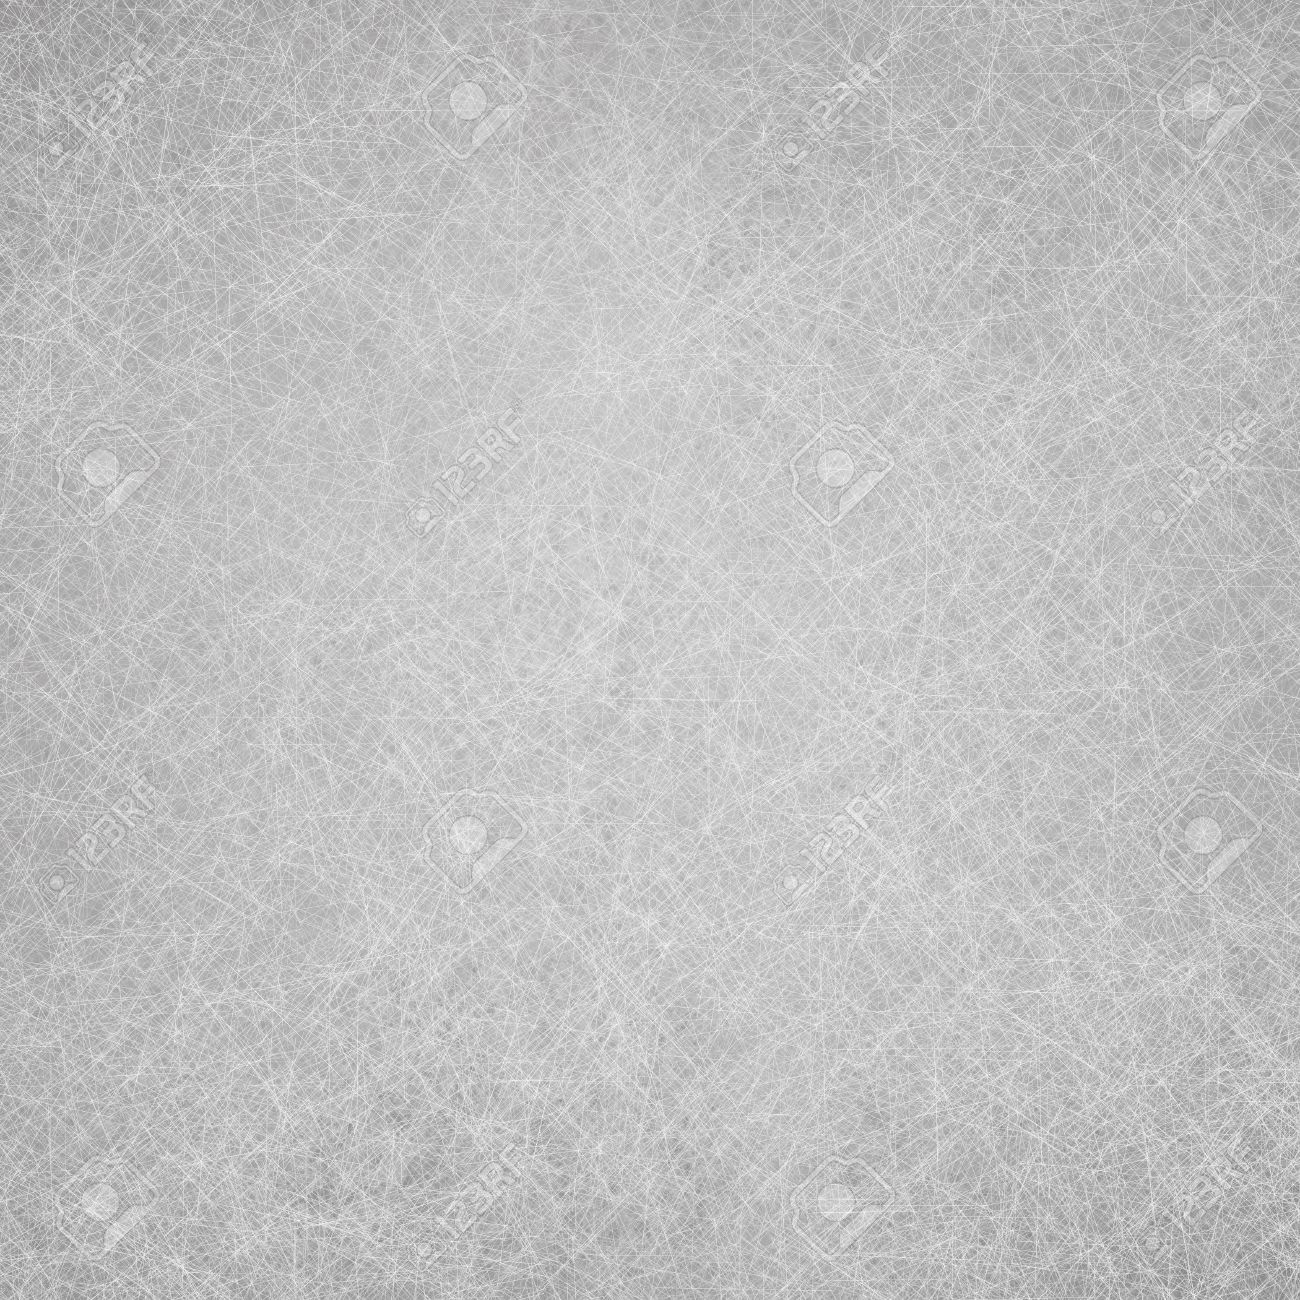 Peinture À L Éponge Sur Mur abstrait argent fond gris centre blanc frontière sombre avec une texture  éponge vintage fond grunge, affligé peinture smeary rugueux sur le mur,  l'art